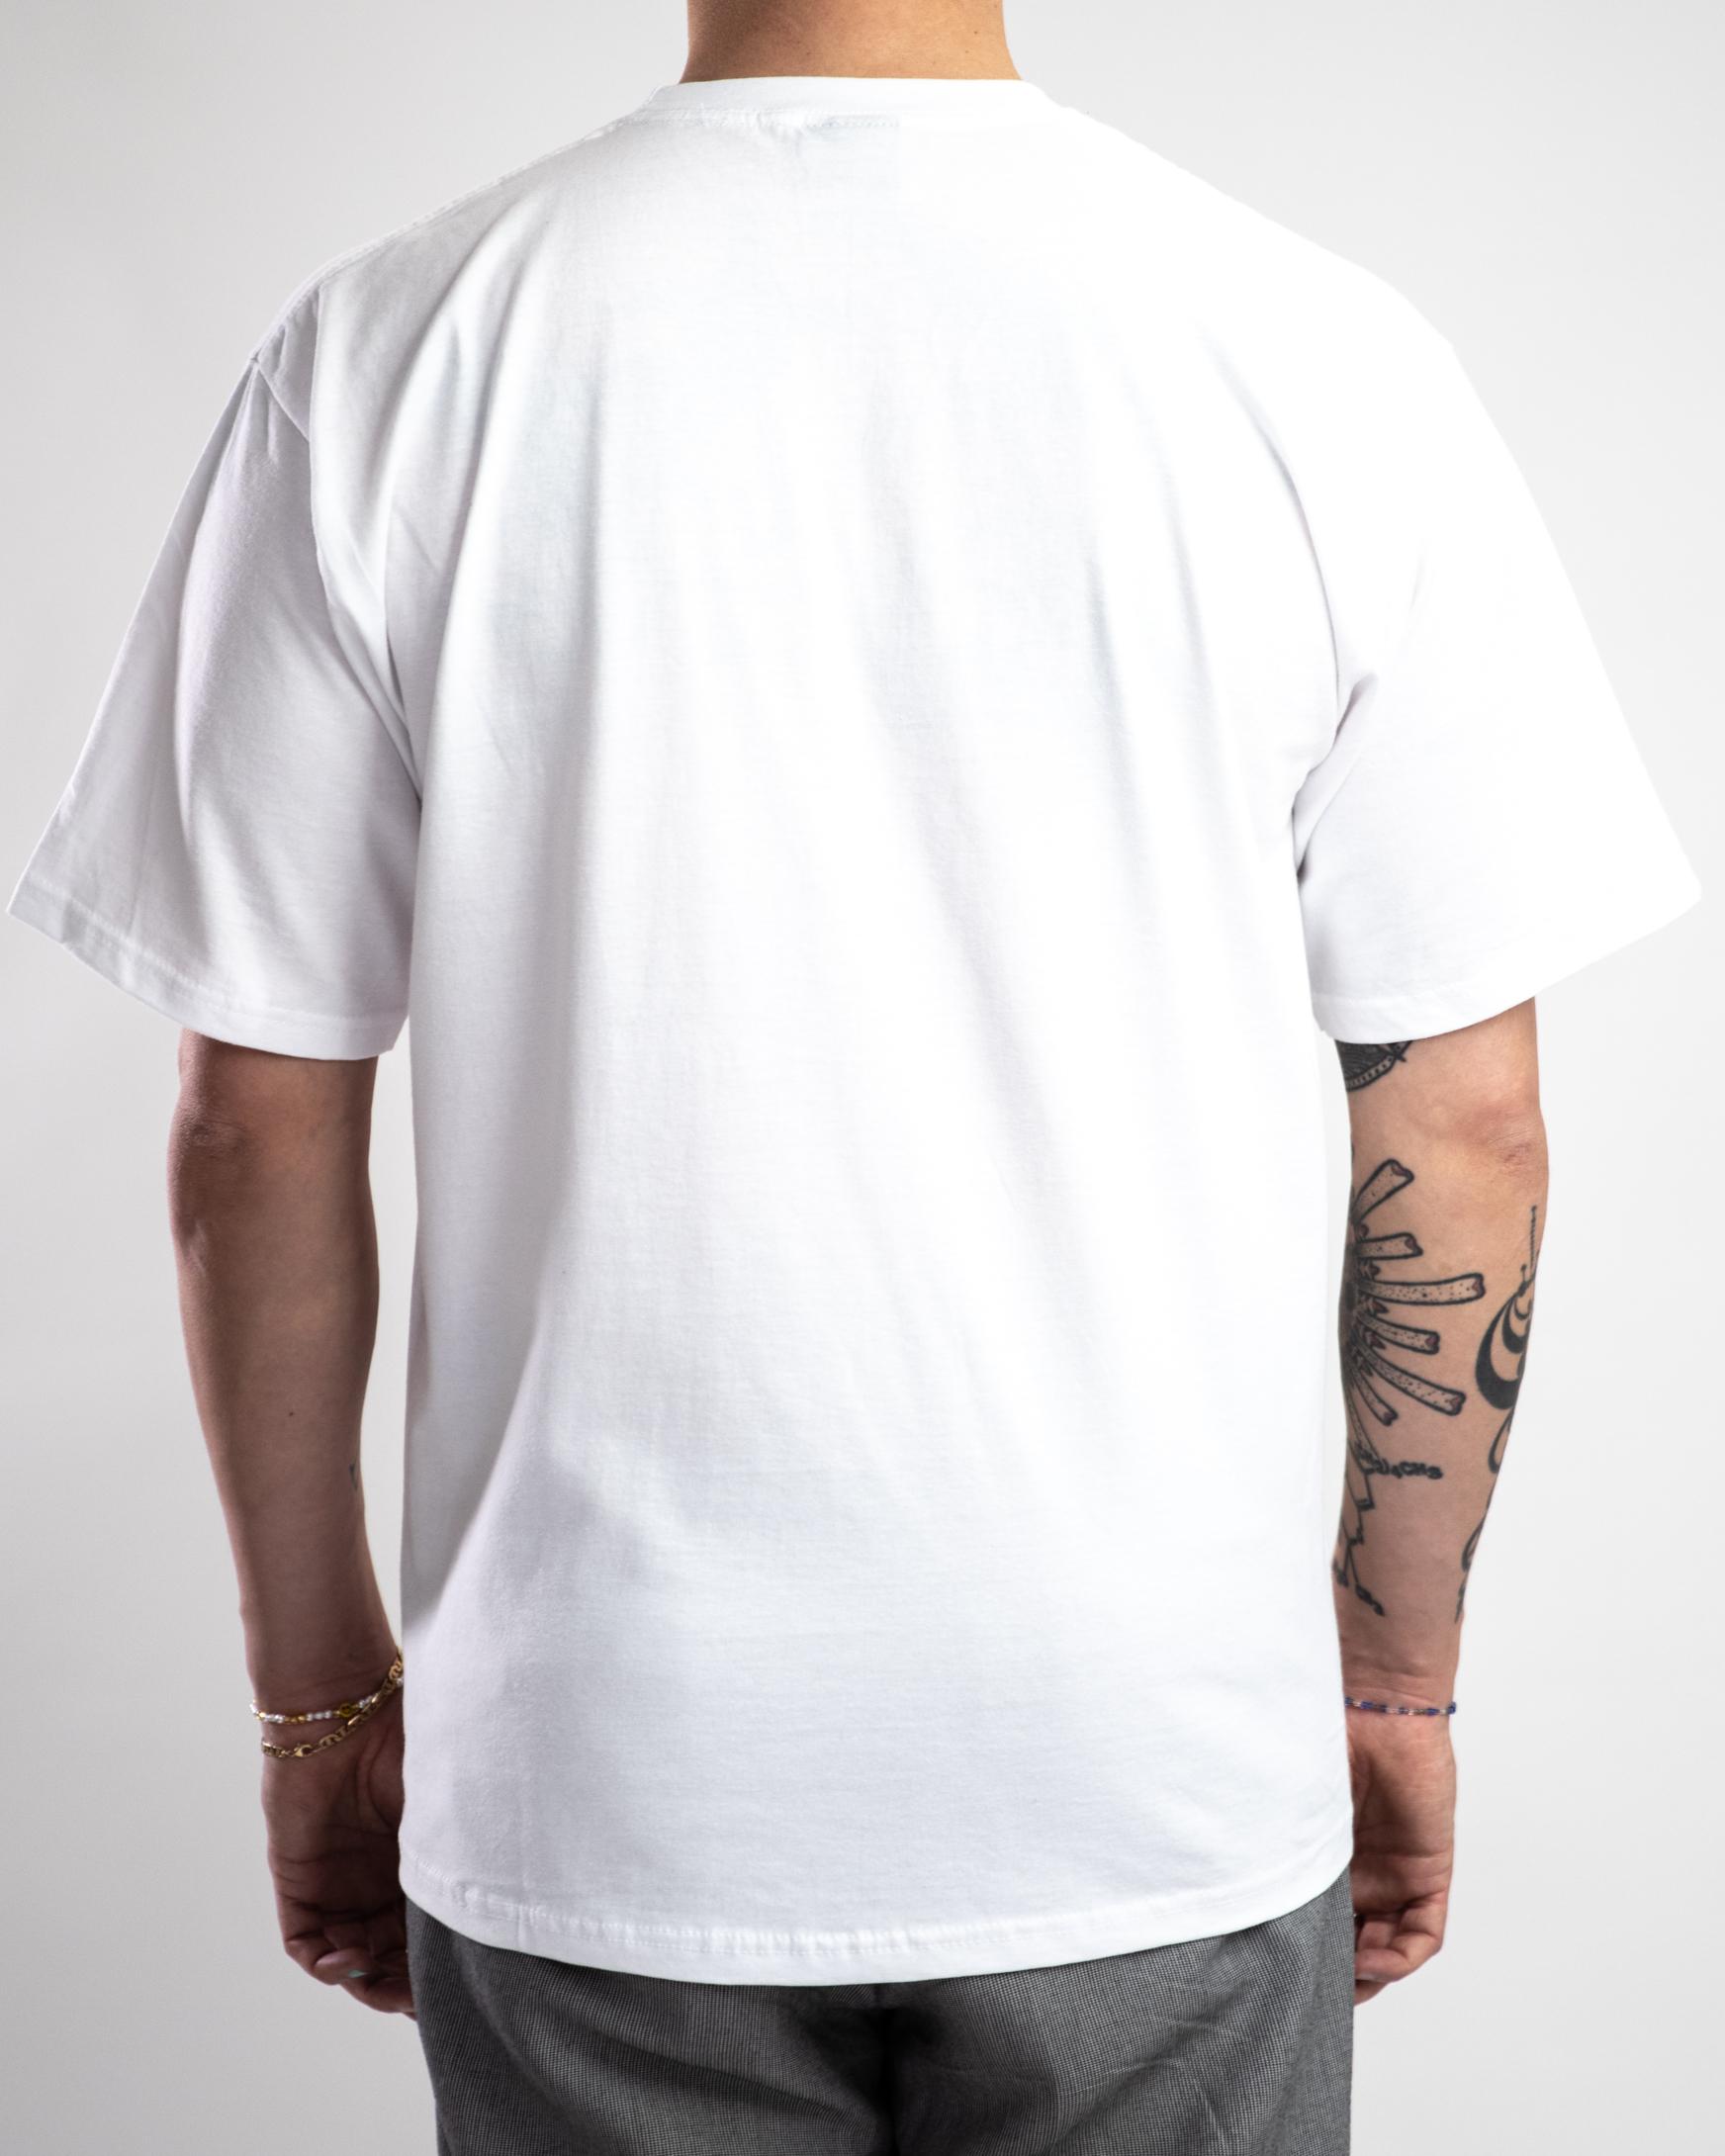 Wilthener Goldkrone T-Shirt weiß Gr. XXL